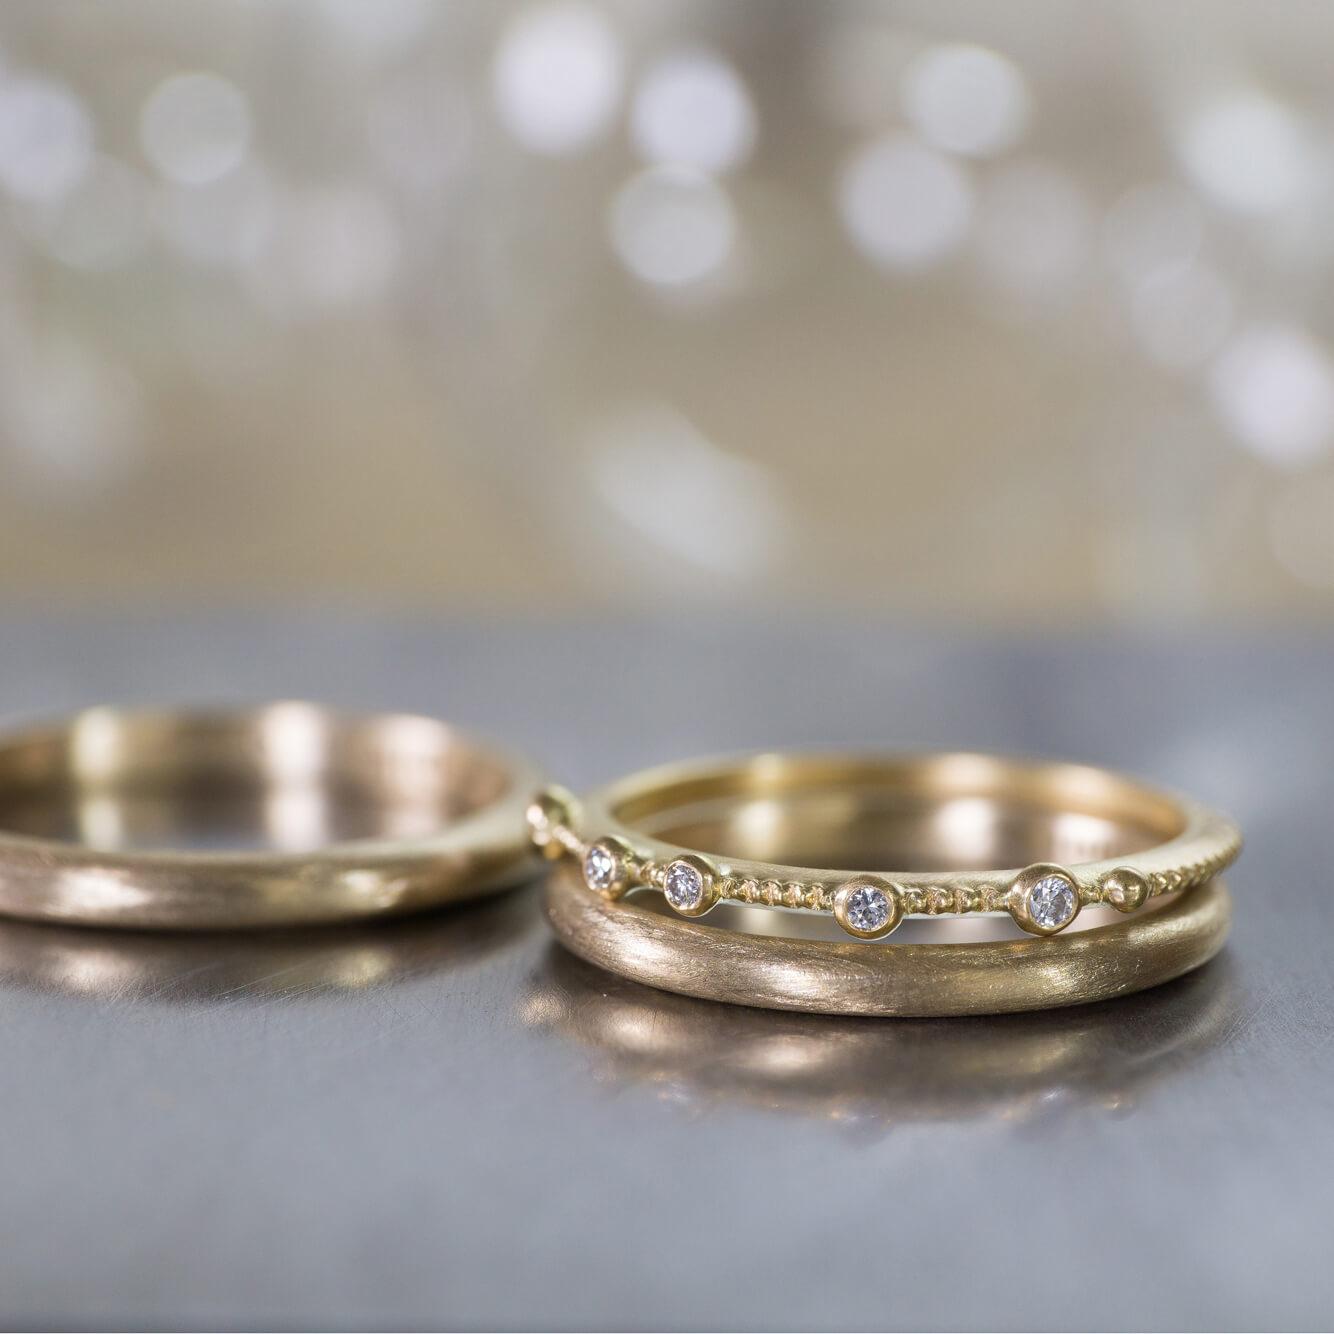 オーダーメイドマリッジリングとエンゲージリング ジュエリーのアトリエに指輪 ゴールド、ダイヤモンド 屋久島で作る結婚指輪